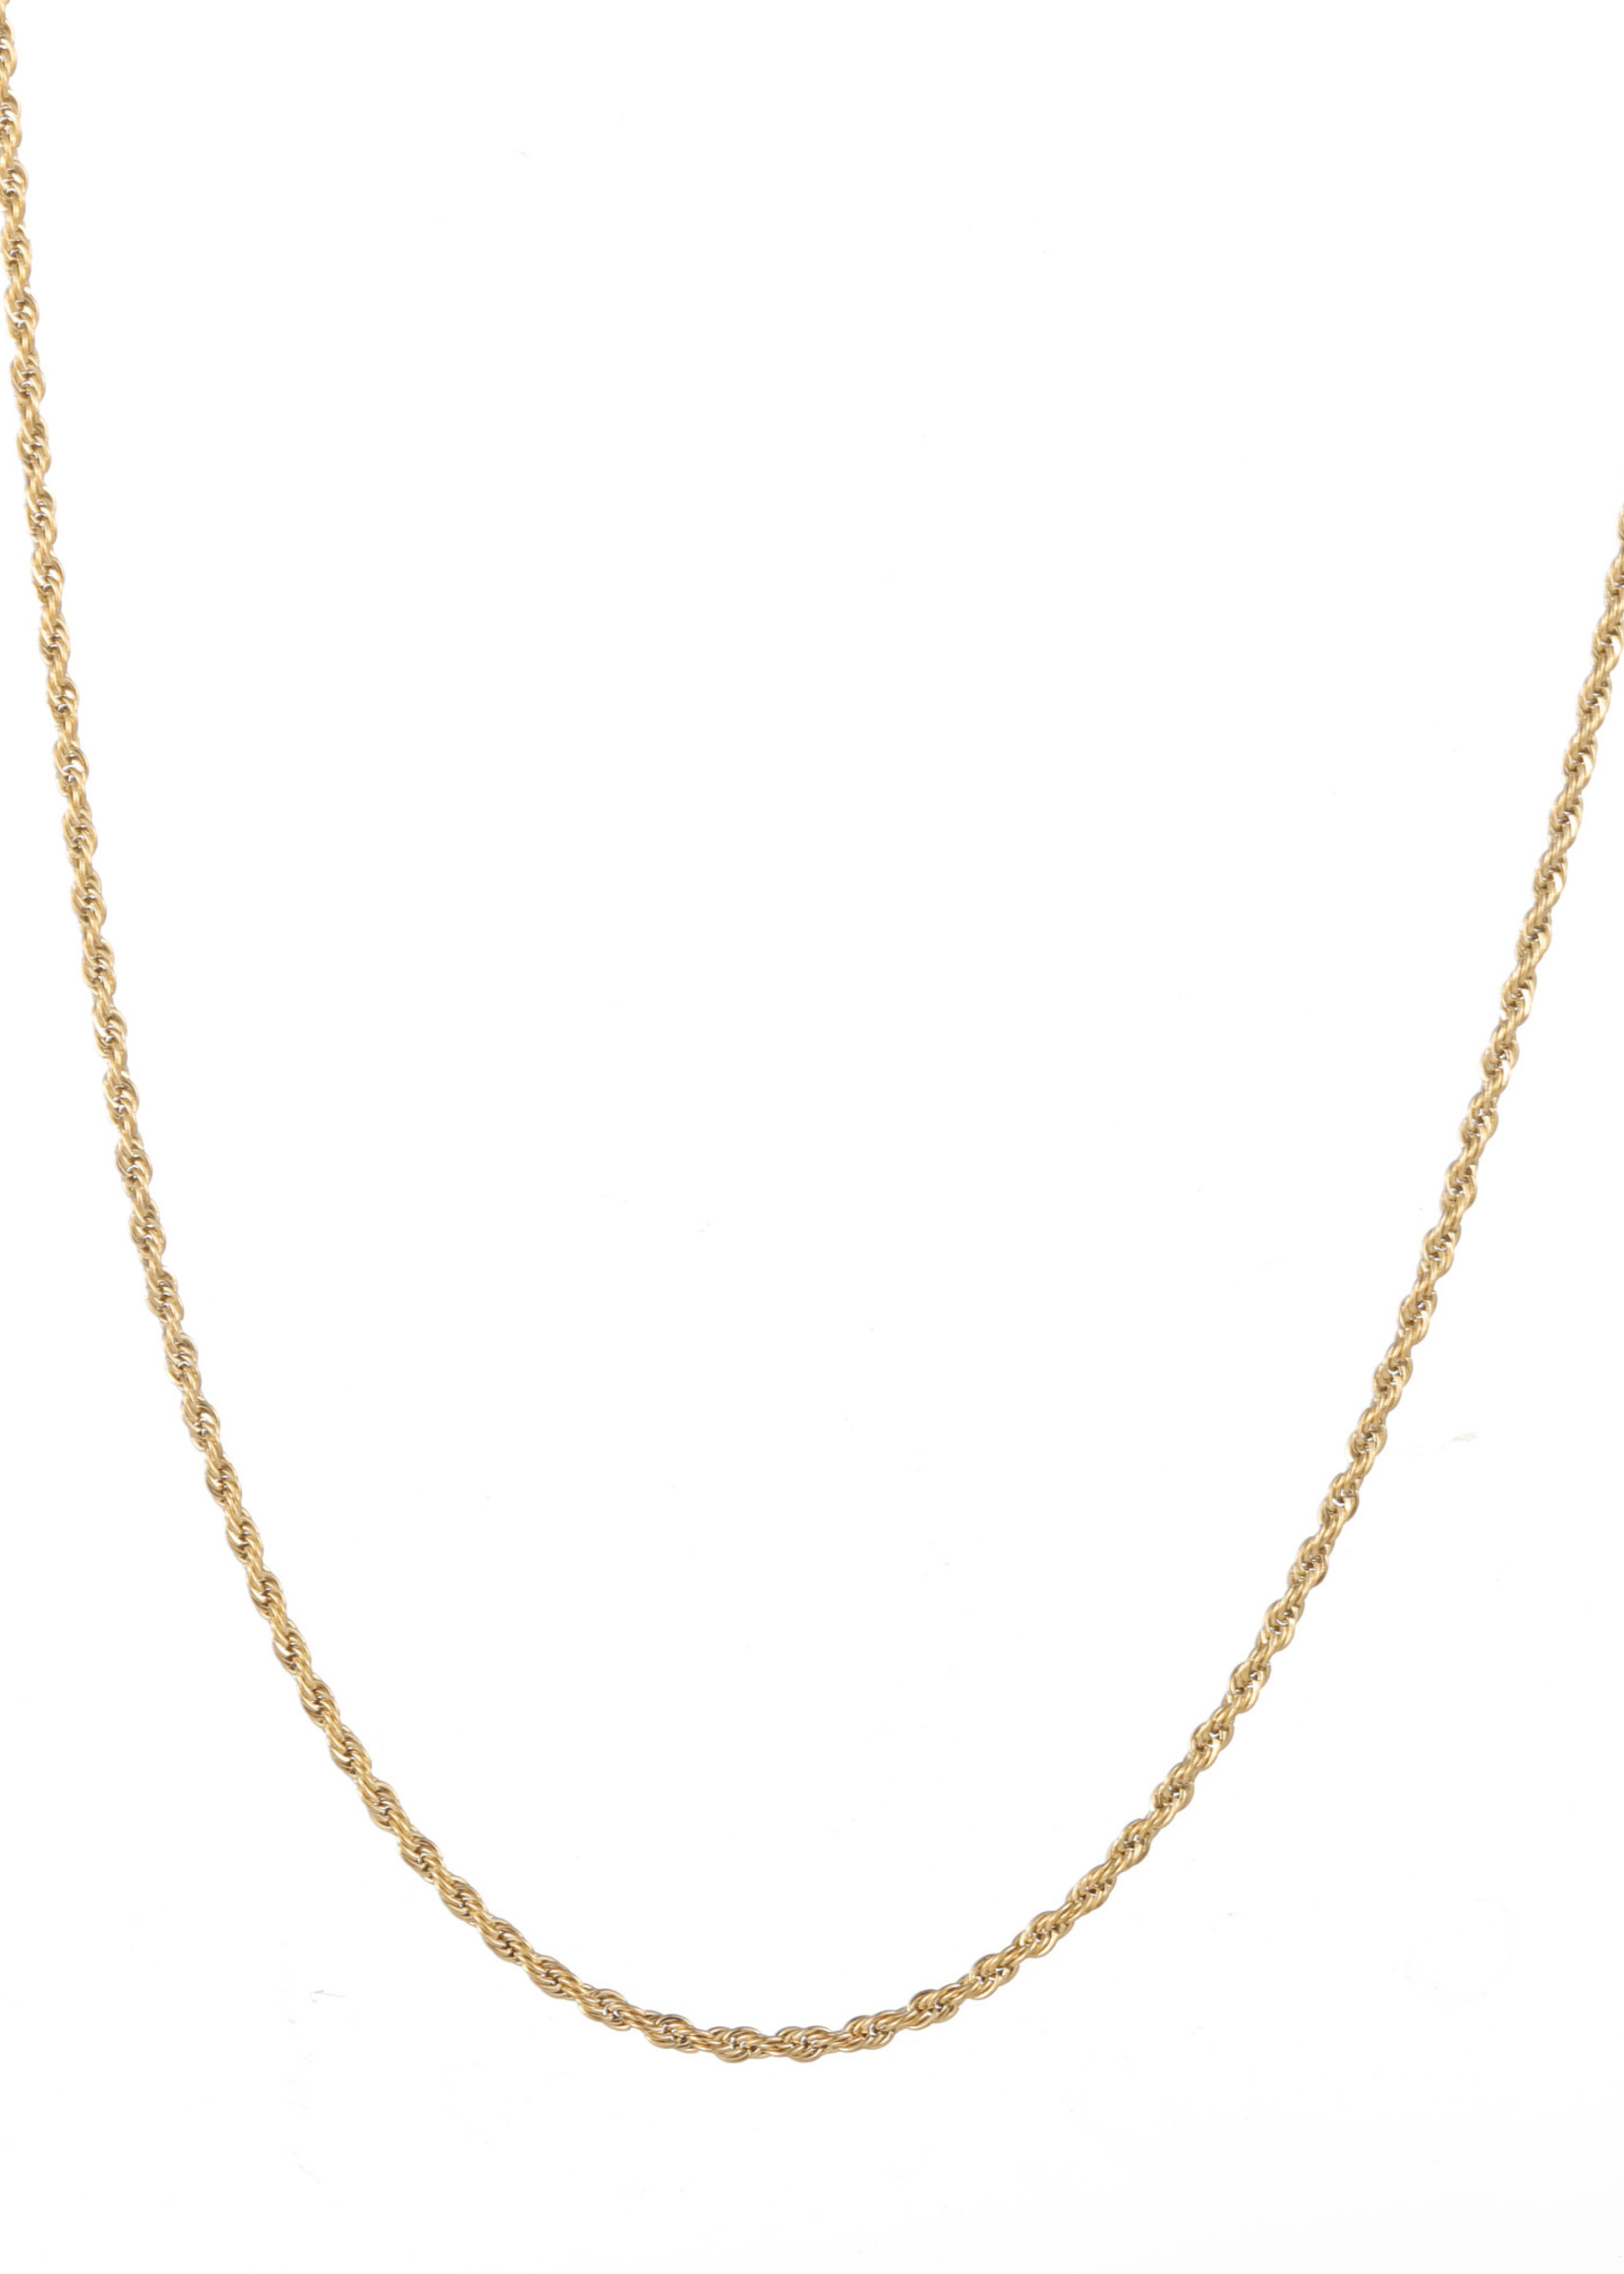 Ketting goud fijn gedraaid N1771-2